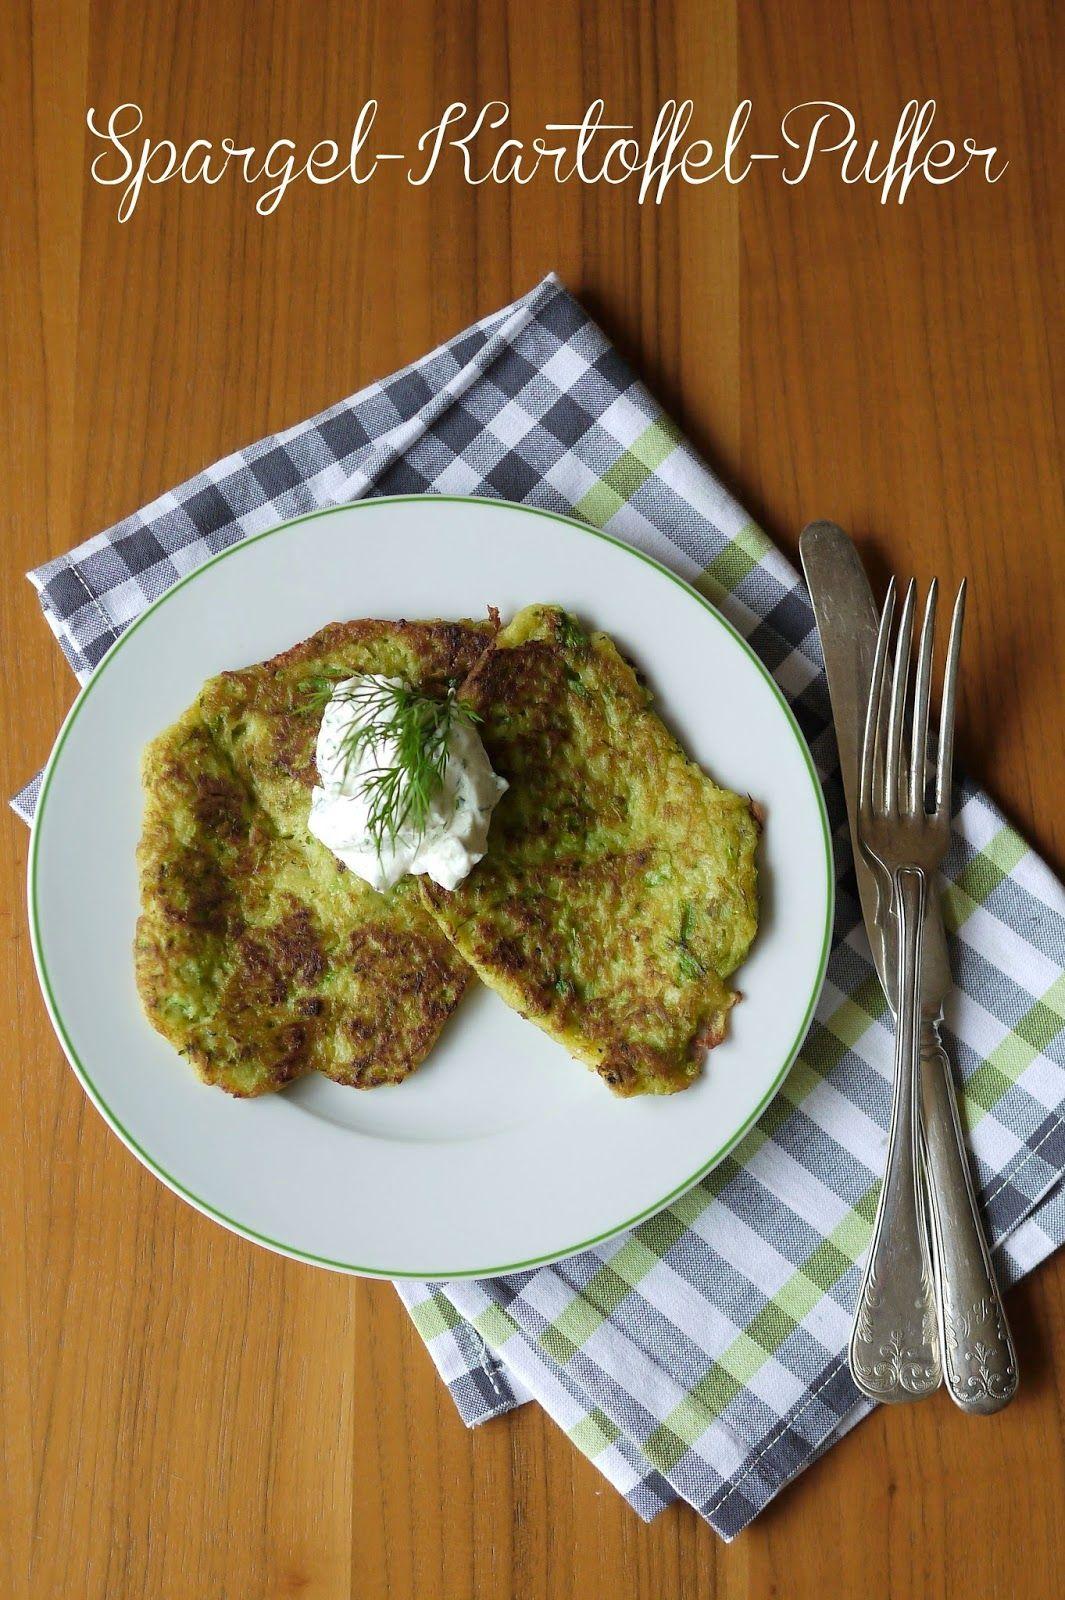 Spargel, Kochen, Kartoffeln, Spargel-Kartoffel-Puffer, Rezept, grüner Spargel